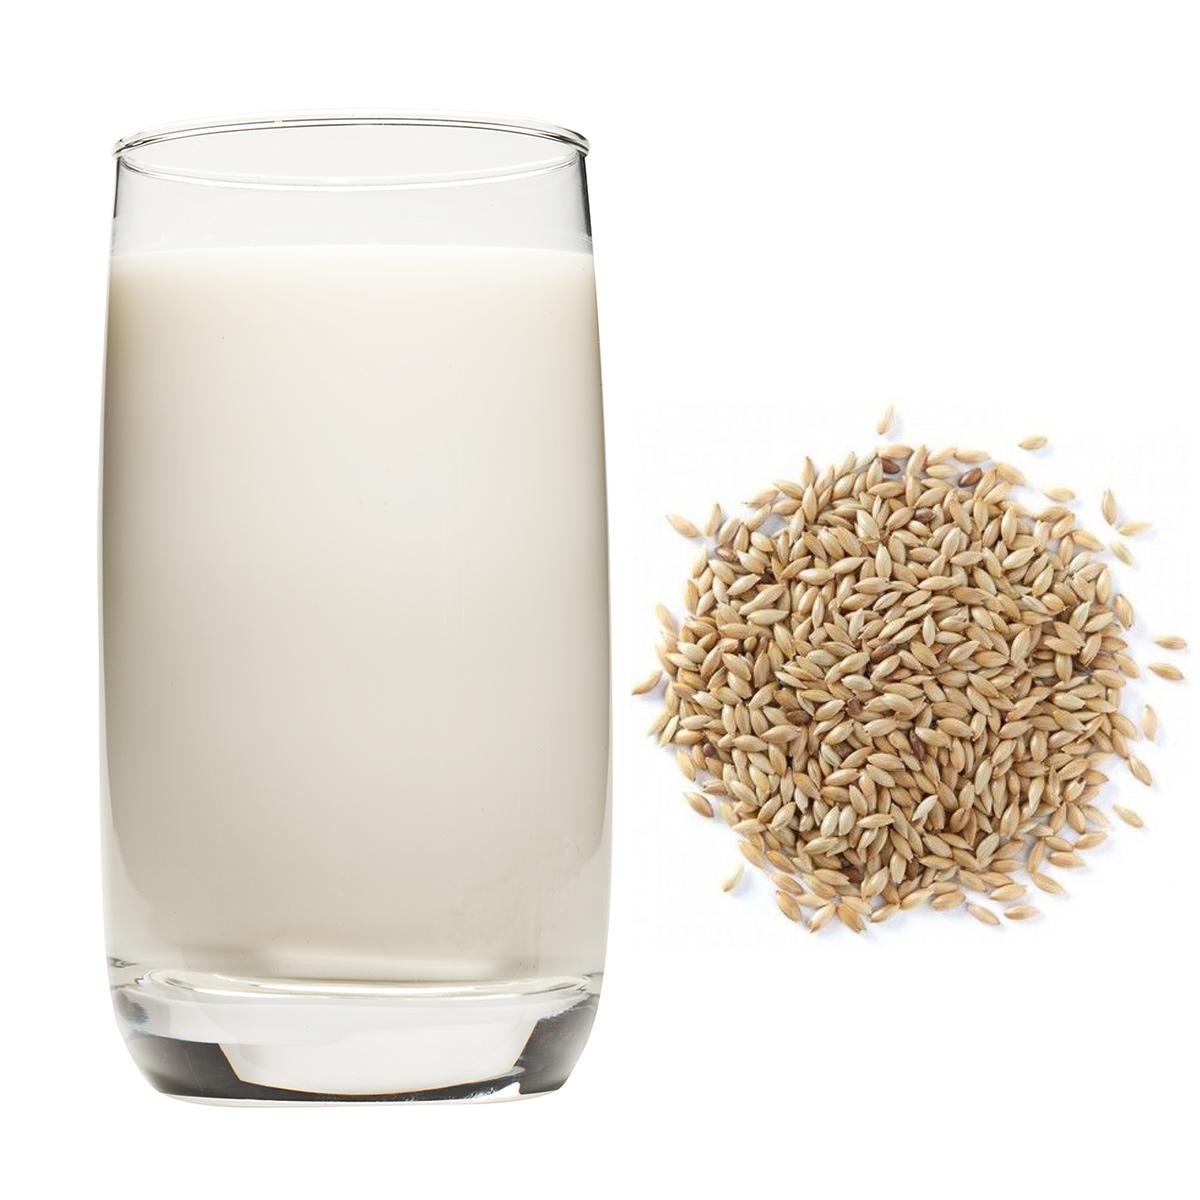 Bebida De Alpiste Bebida Vegetal De Grano Cereal O Pseudocereal Bebida Vegetal